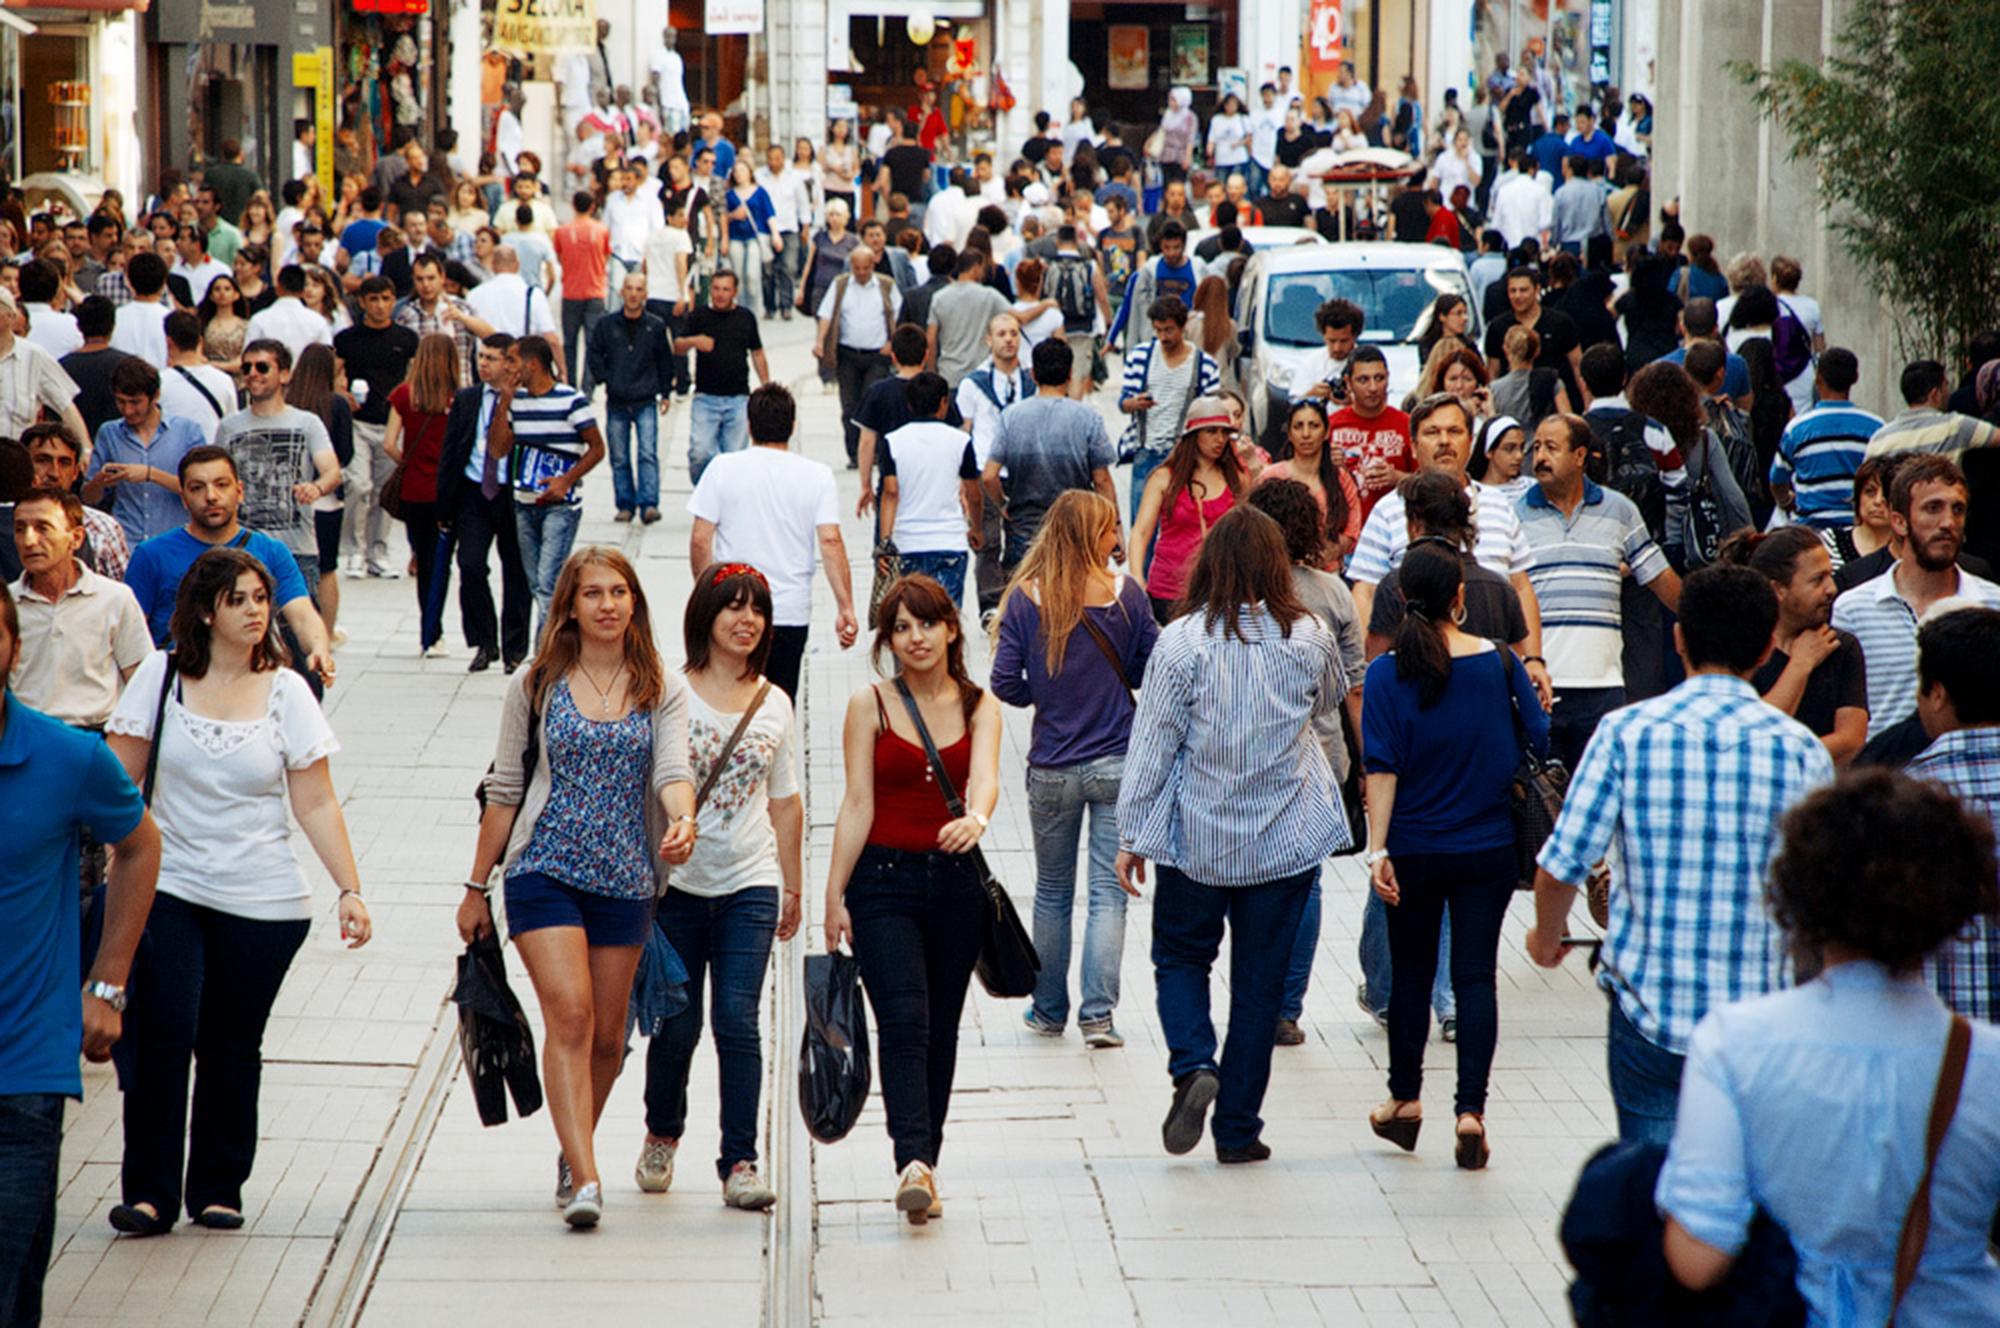 фото людей в городе летом те, которые вас